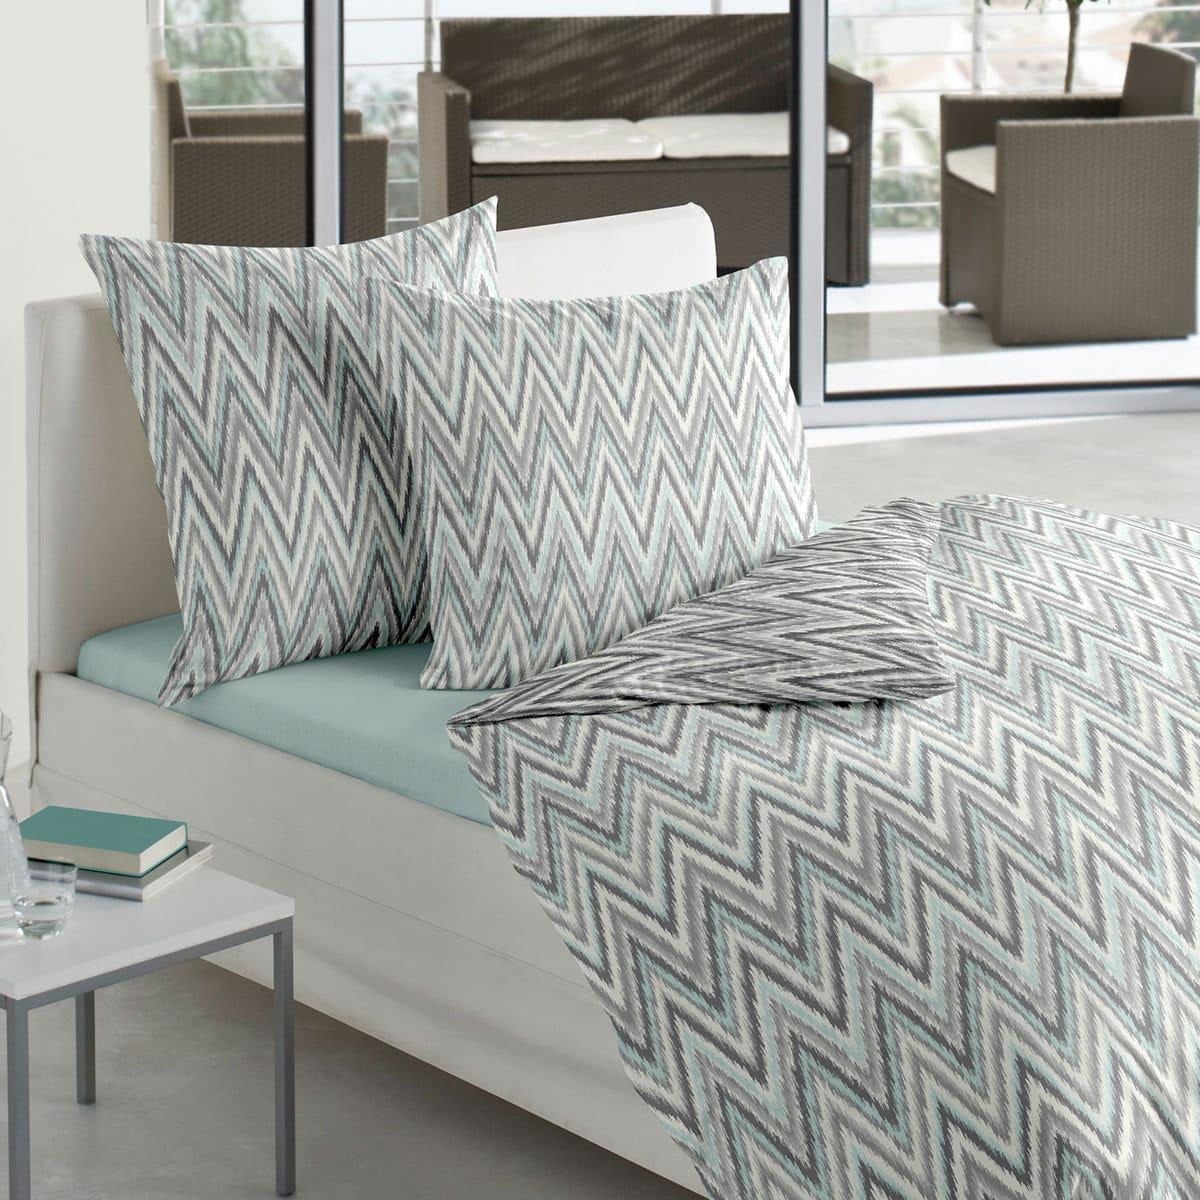 bierbaum mako satin bettw sche smail 6985 g nstig online kaufen bei bettwaren shop. Black Bedroom Furniture Sets. Home Design Ideas